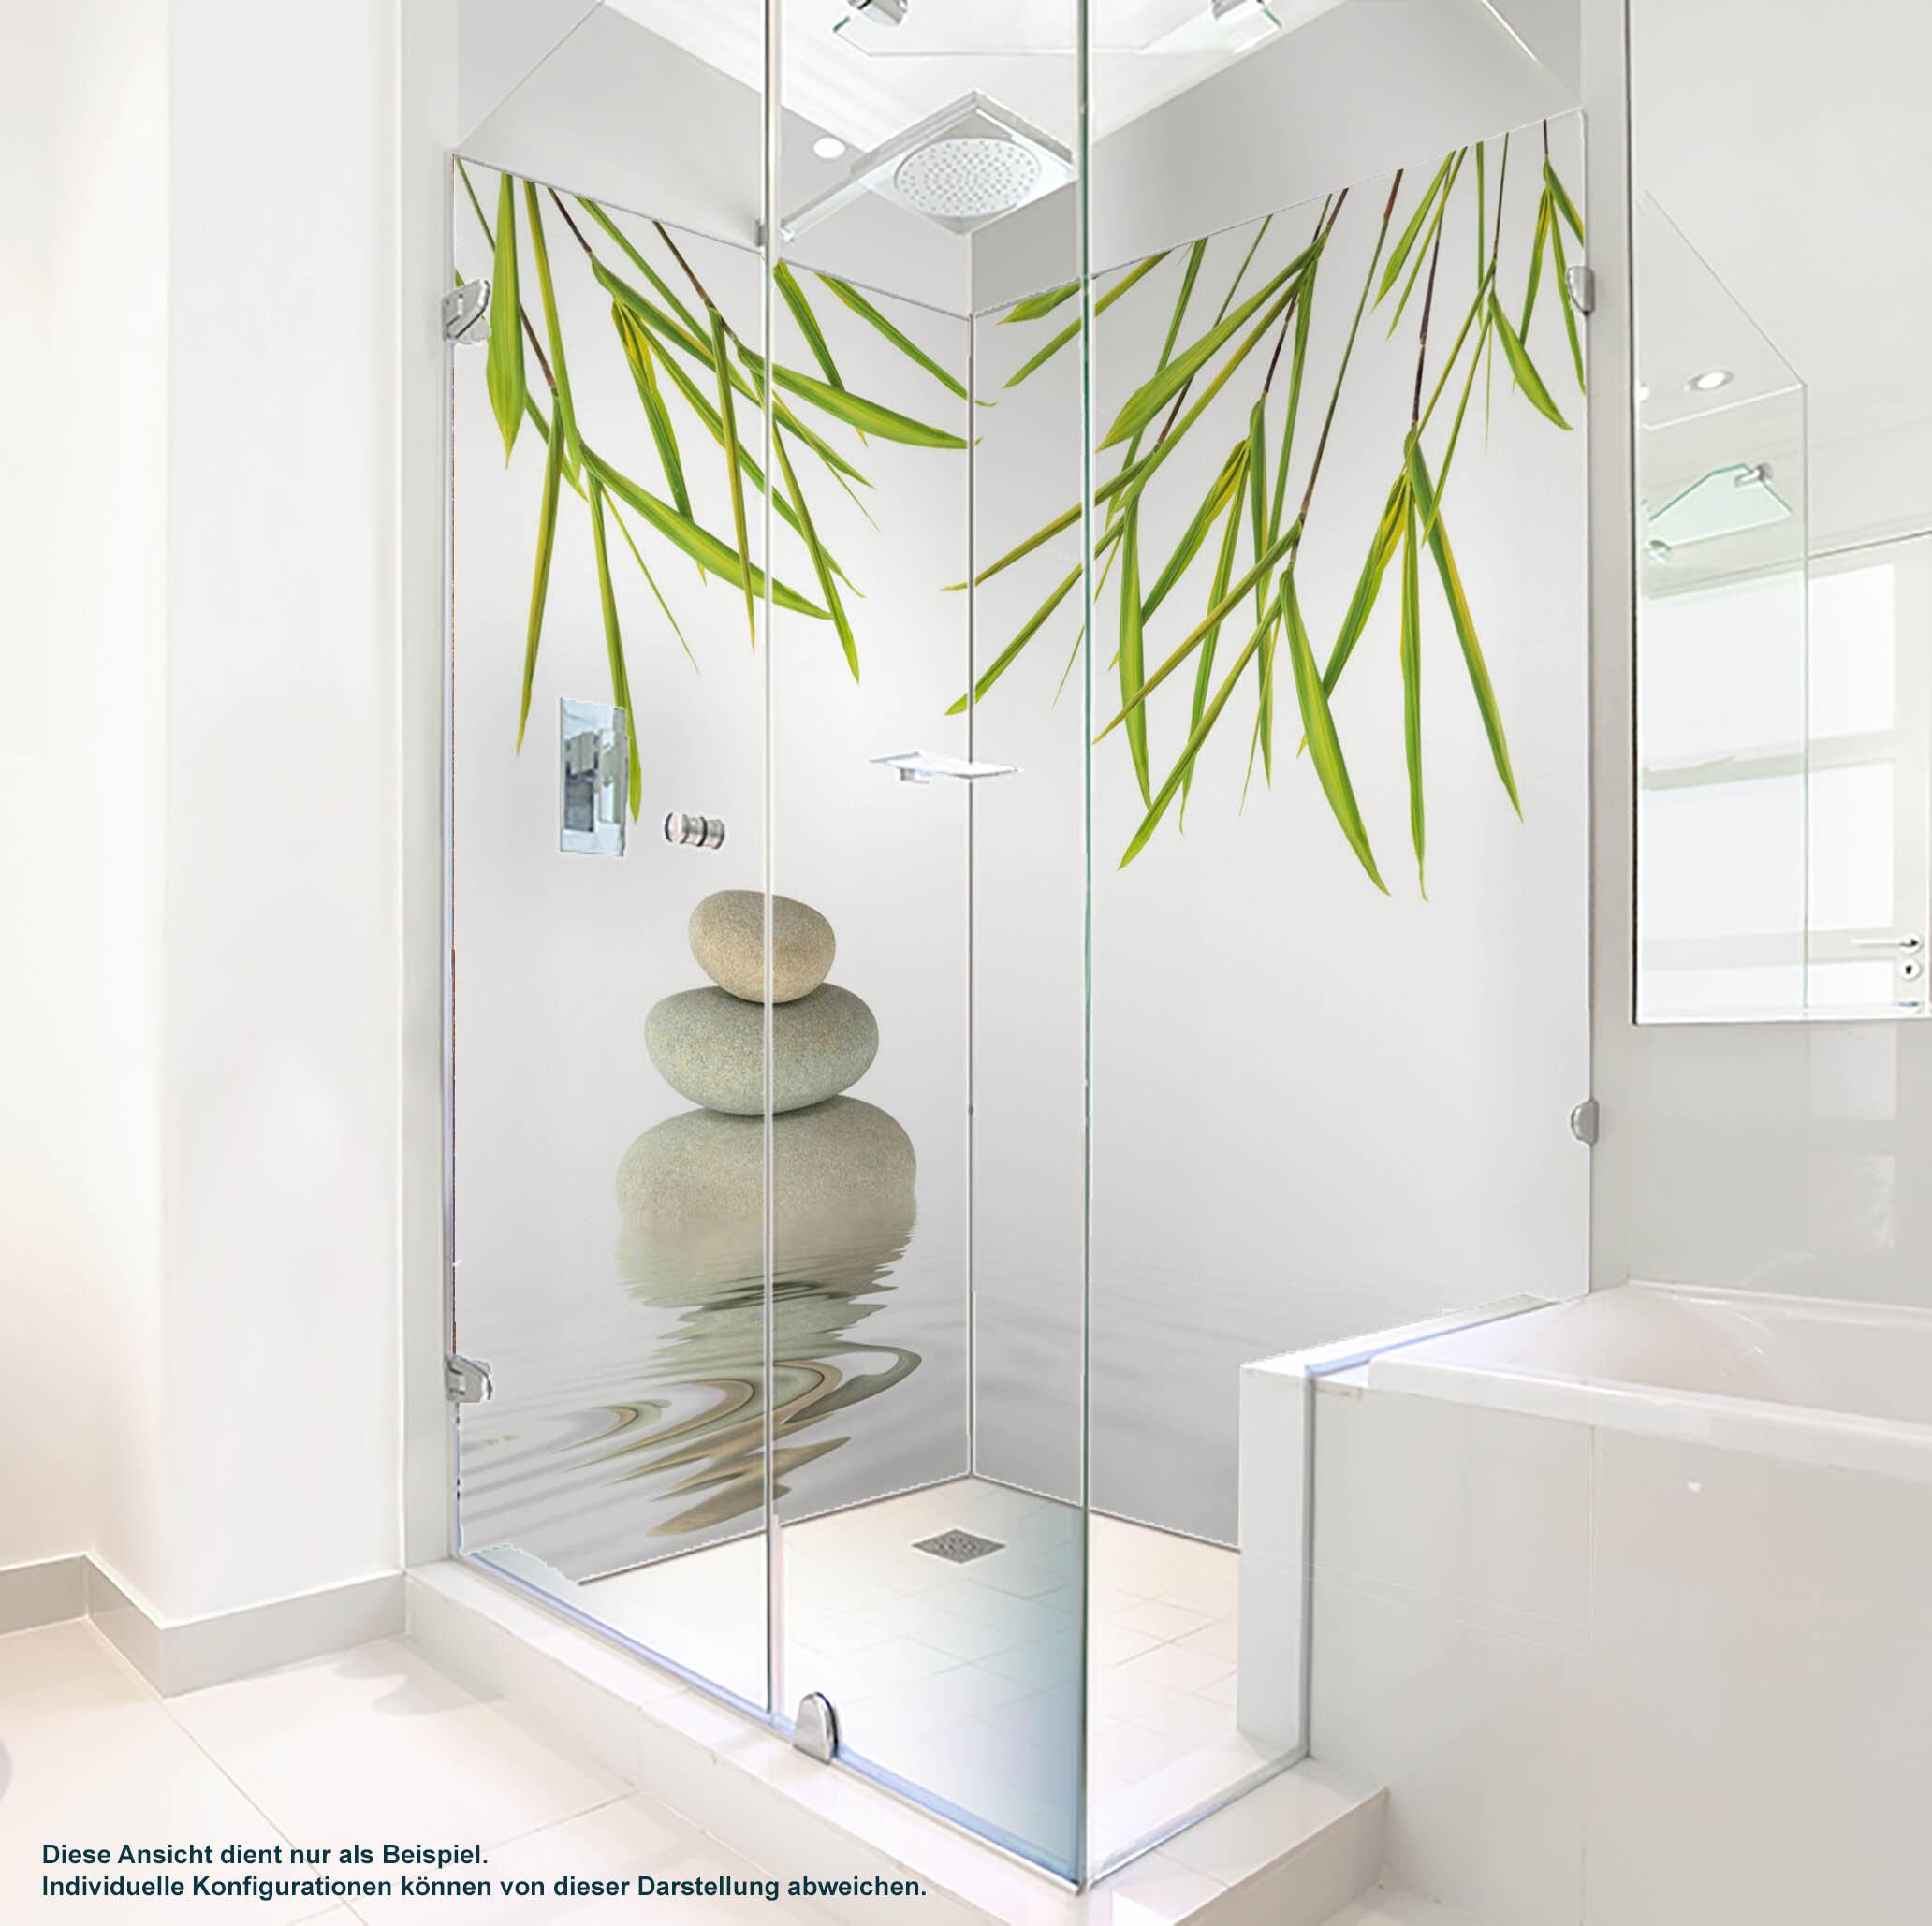 Dusche PlateART Duschrückwand mit Motiv Wellness ZEN Blätter